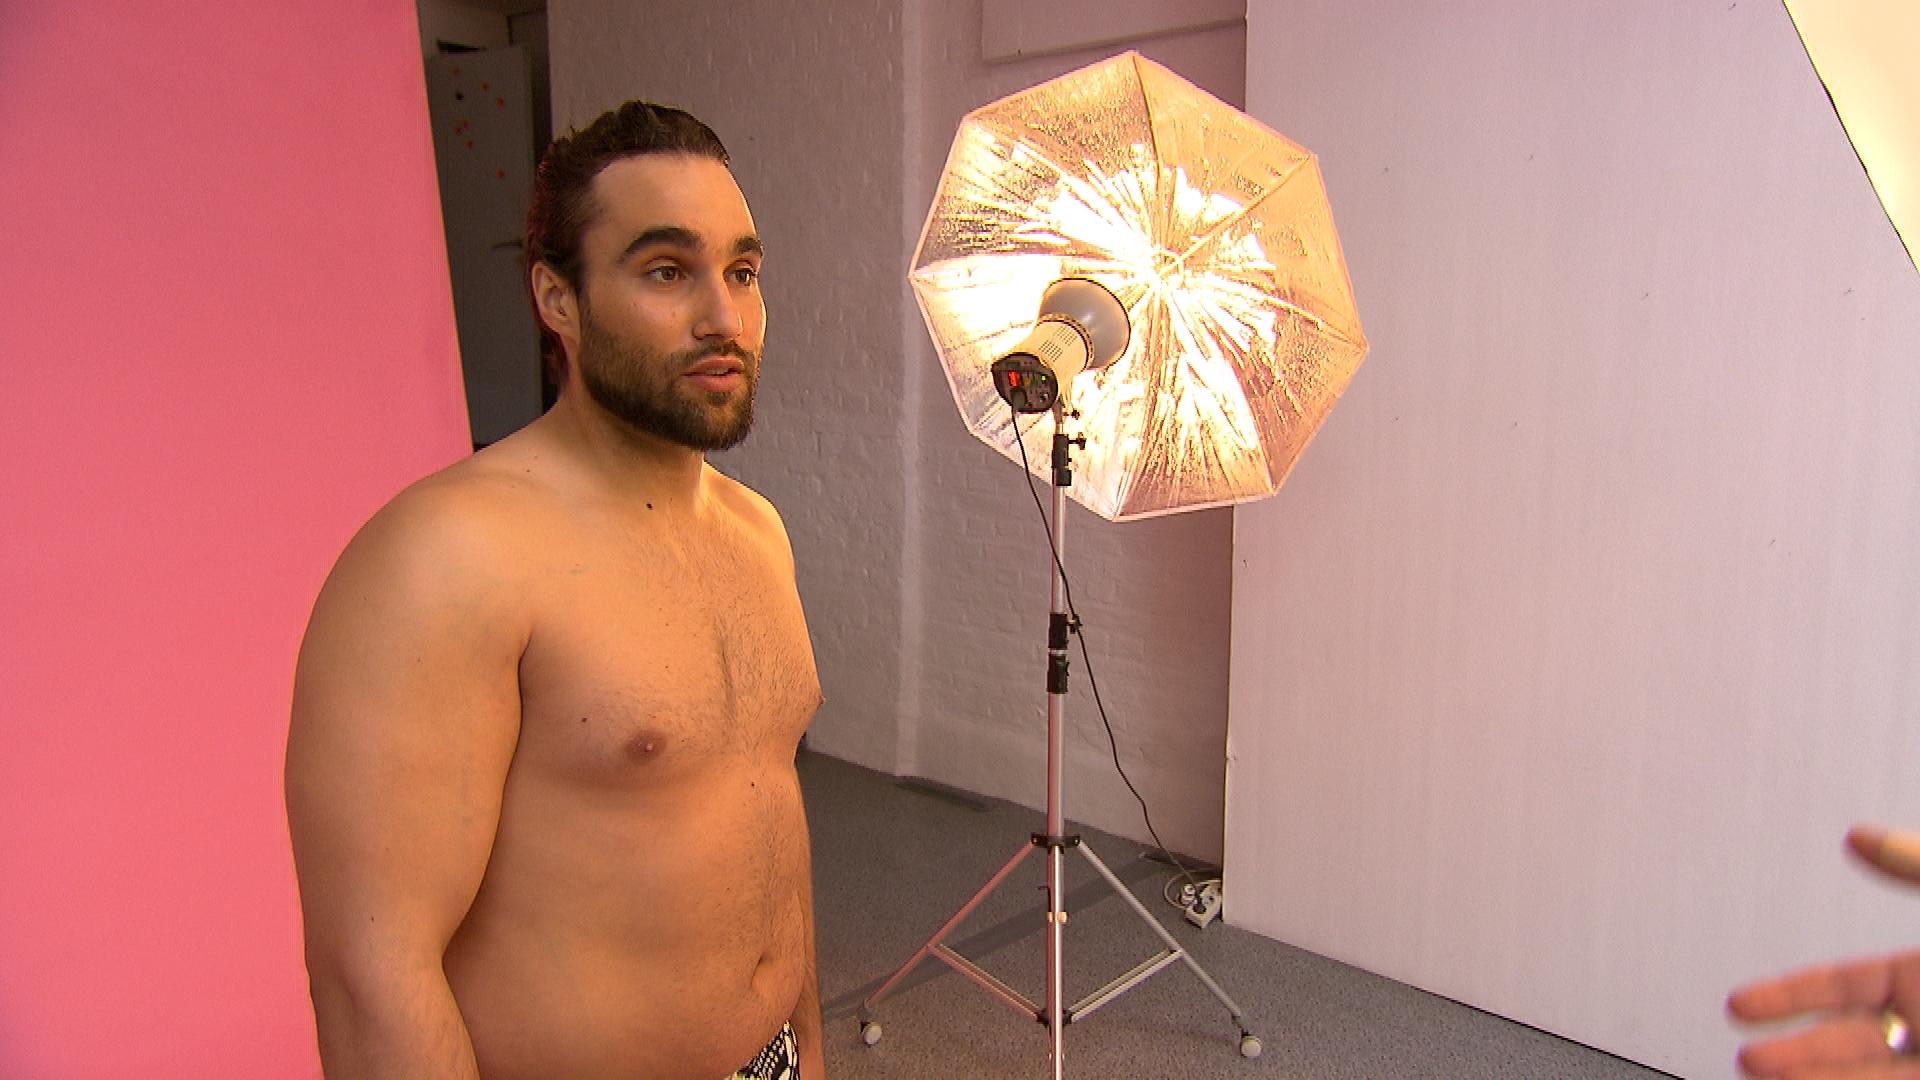 Diego ist gut gelaunt, da er einen Anruf seiner Agentur erhalten hat, die ihn auf ein Casting schicken will (Quelle: RTL 2)